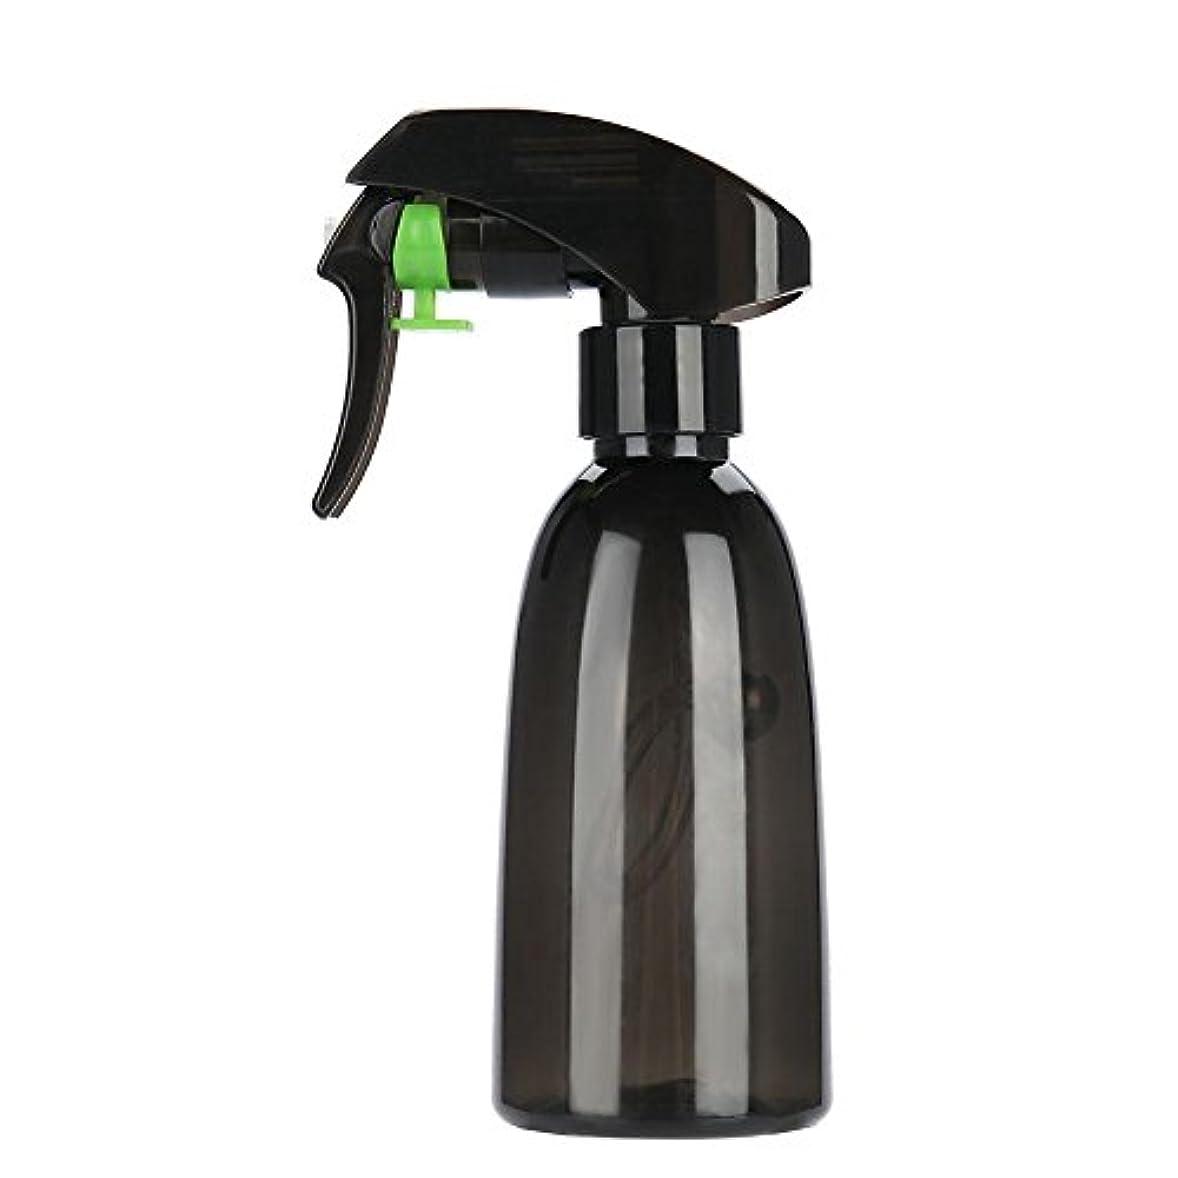 粘り強いセント傀儡水スプレー、2色詰め替え式プラスチック理髪スプレーボトル水スプレーサロン理容ツール(ダークグリーン)